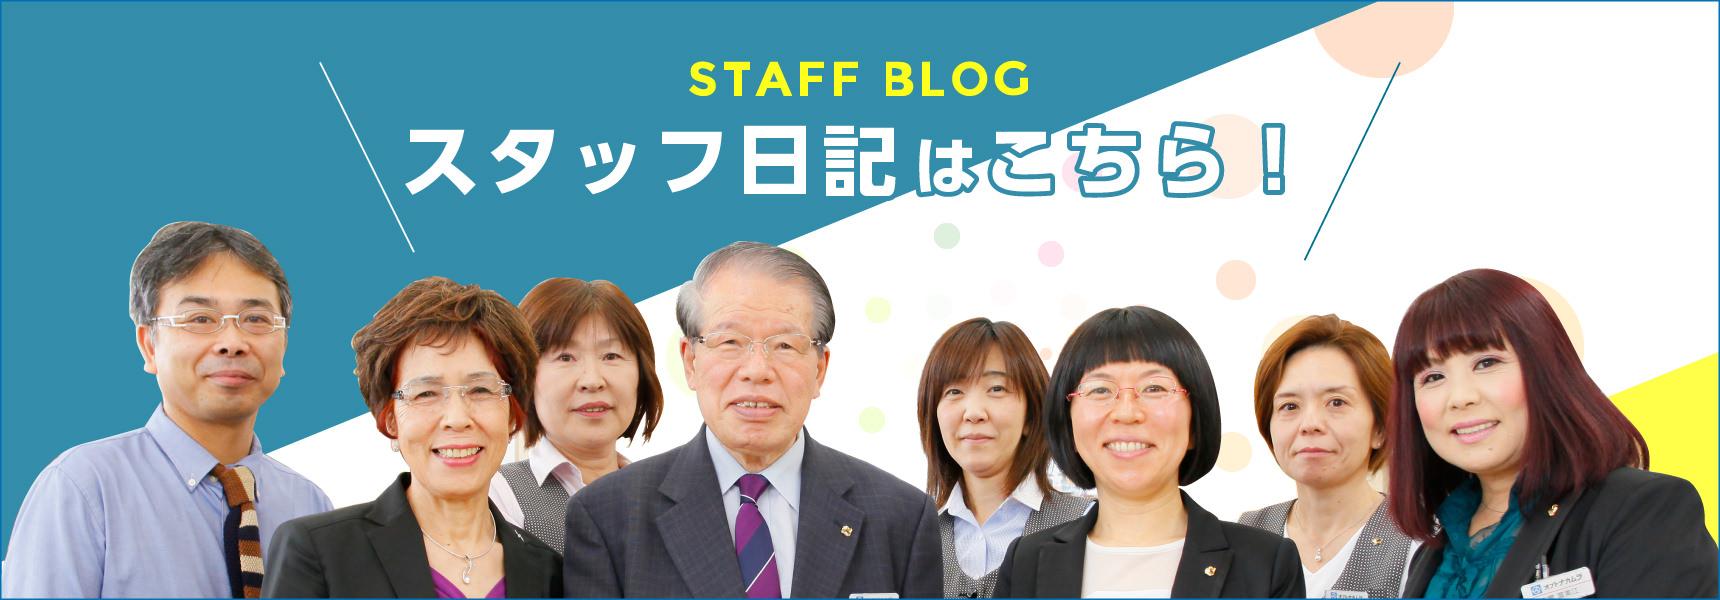 STAFF BLOG スタッフ日記はこちら!